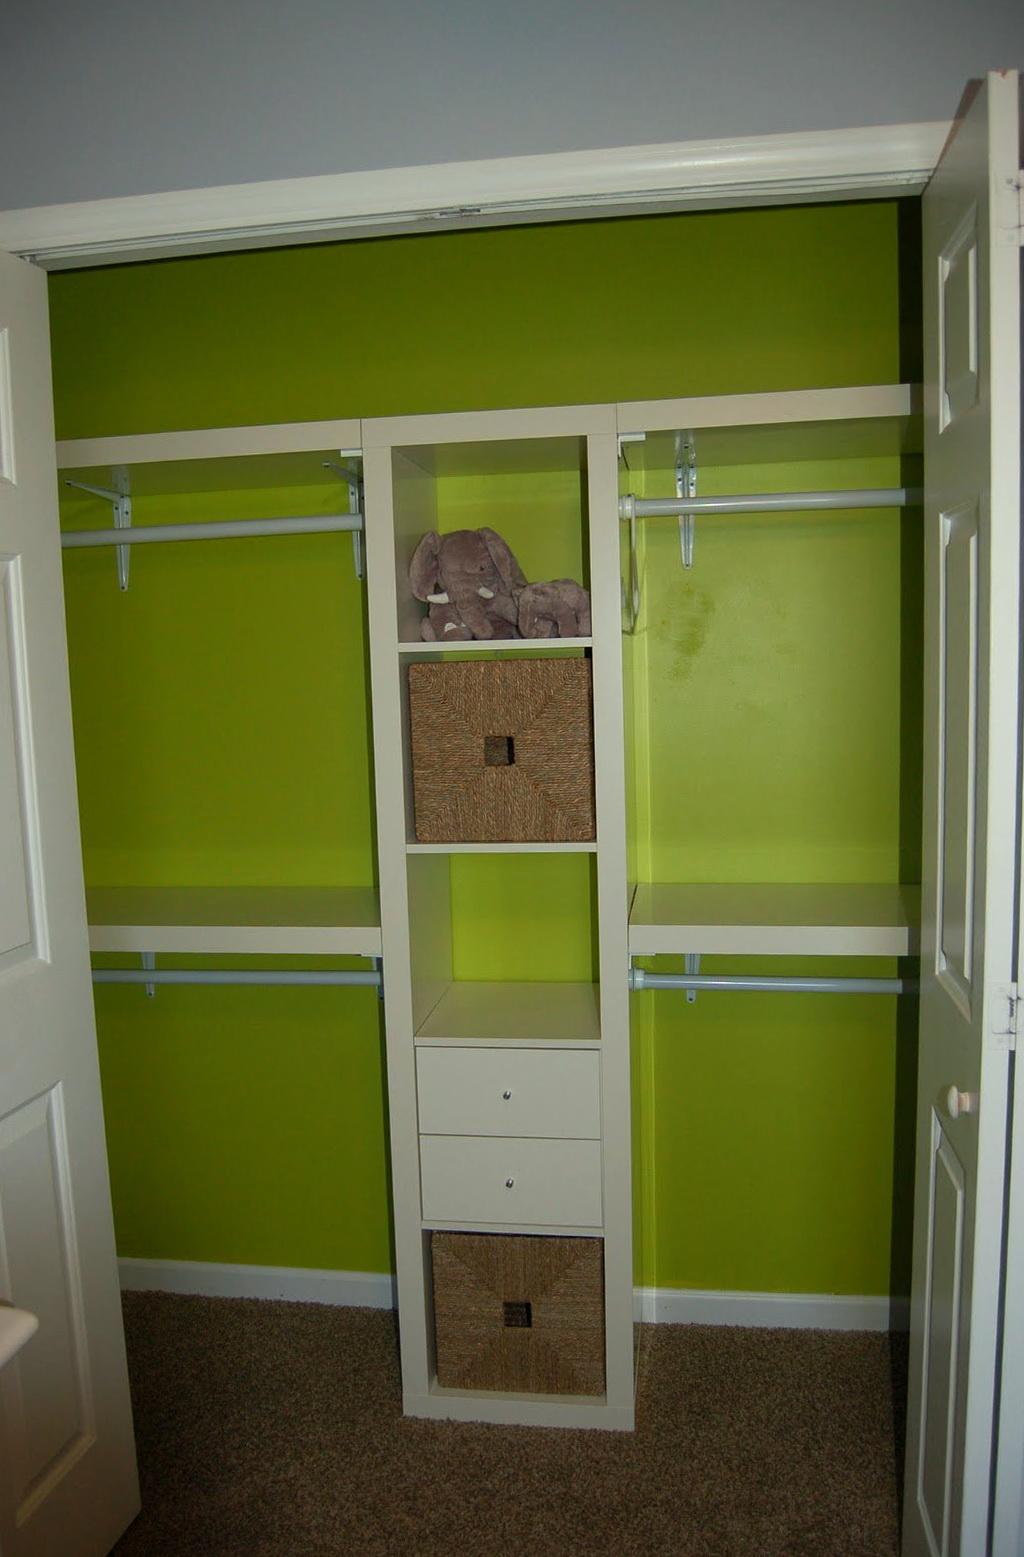 Shelves For Closet Ikea Home Design Ideas